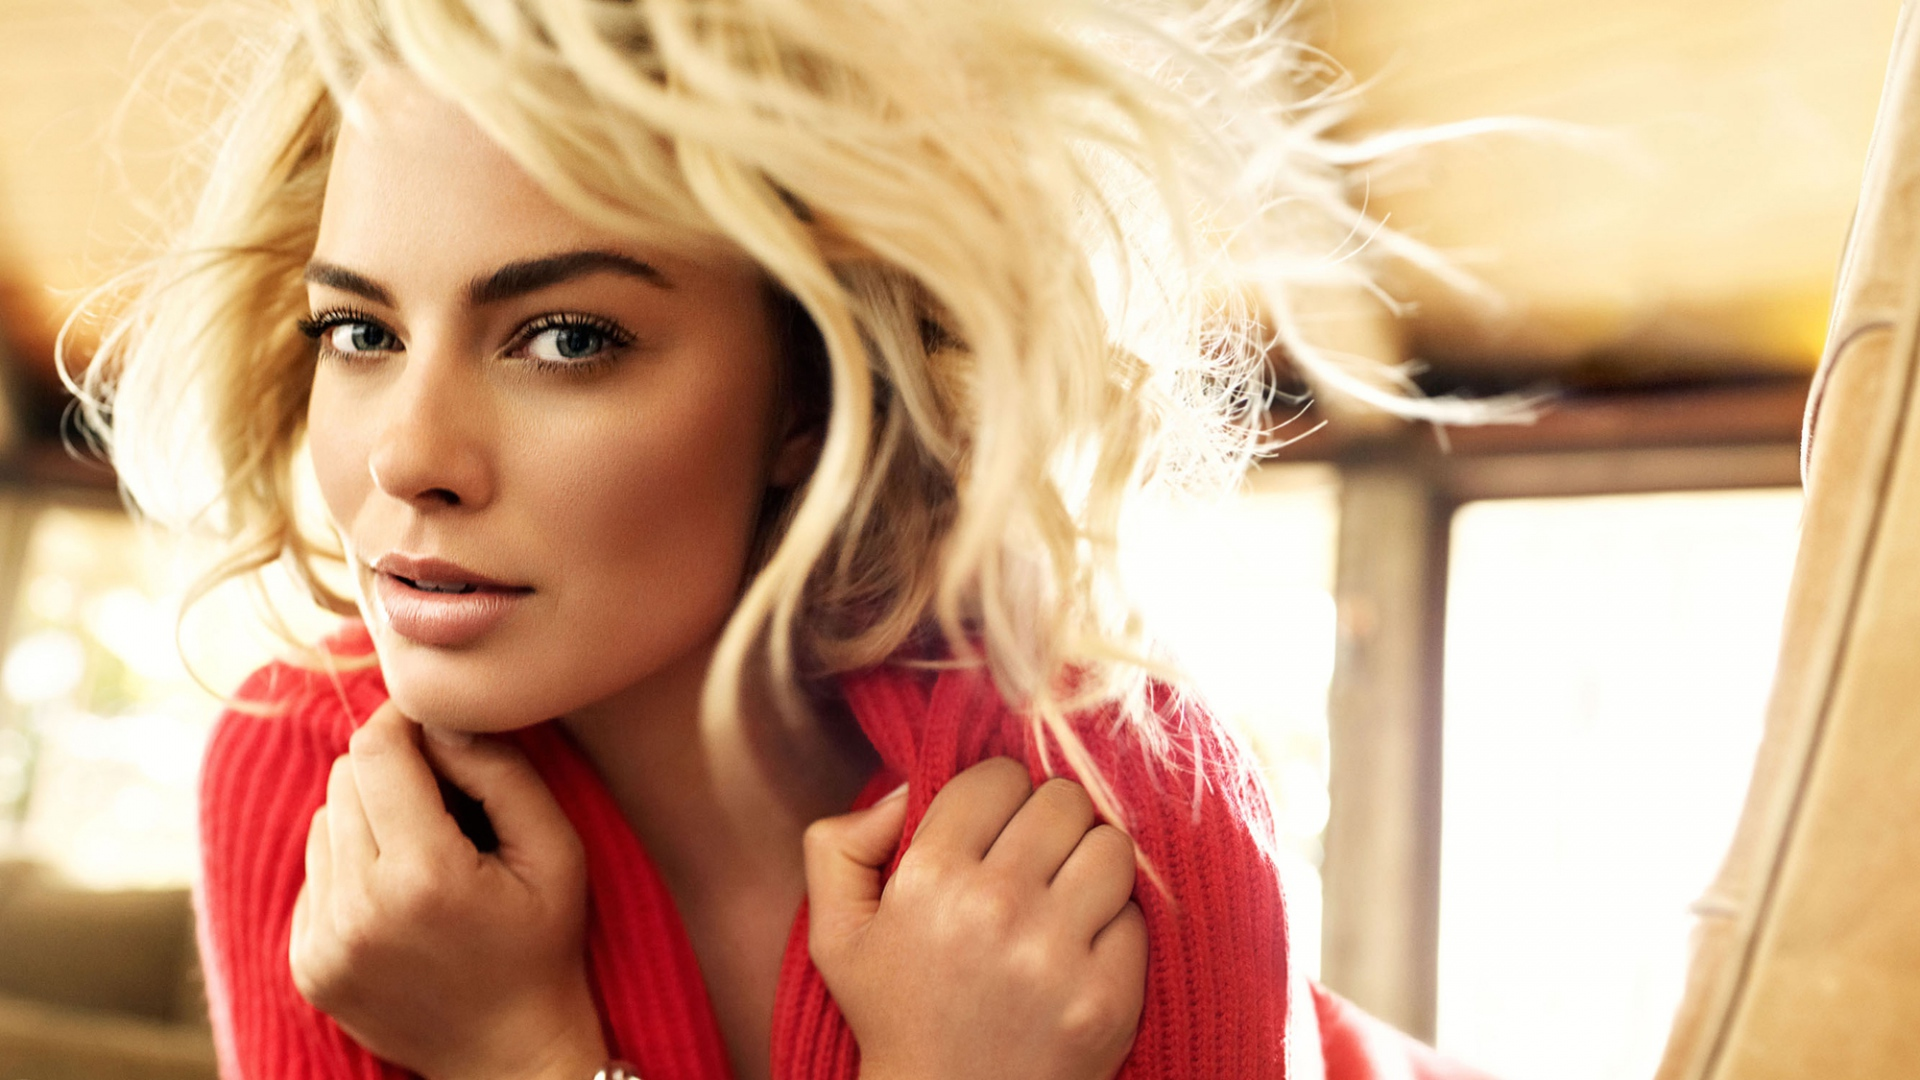 Margot Robbie For Desktop Background